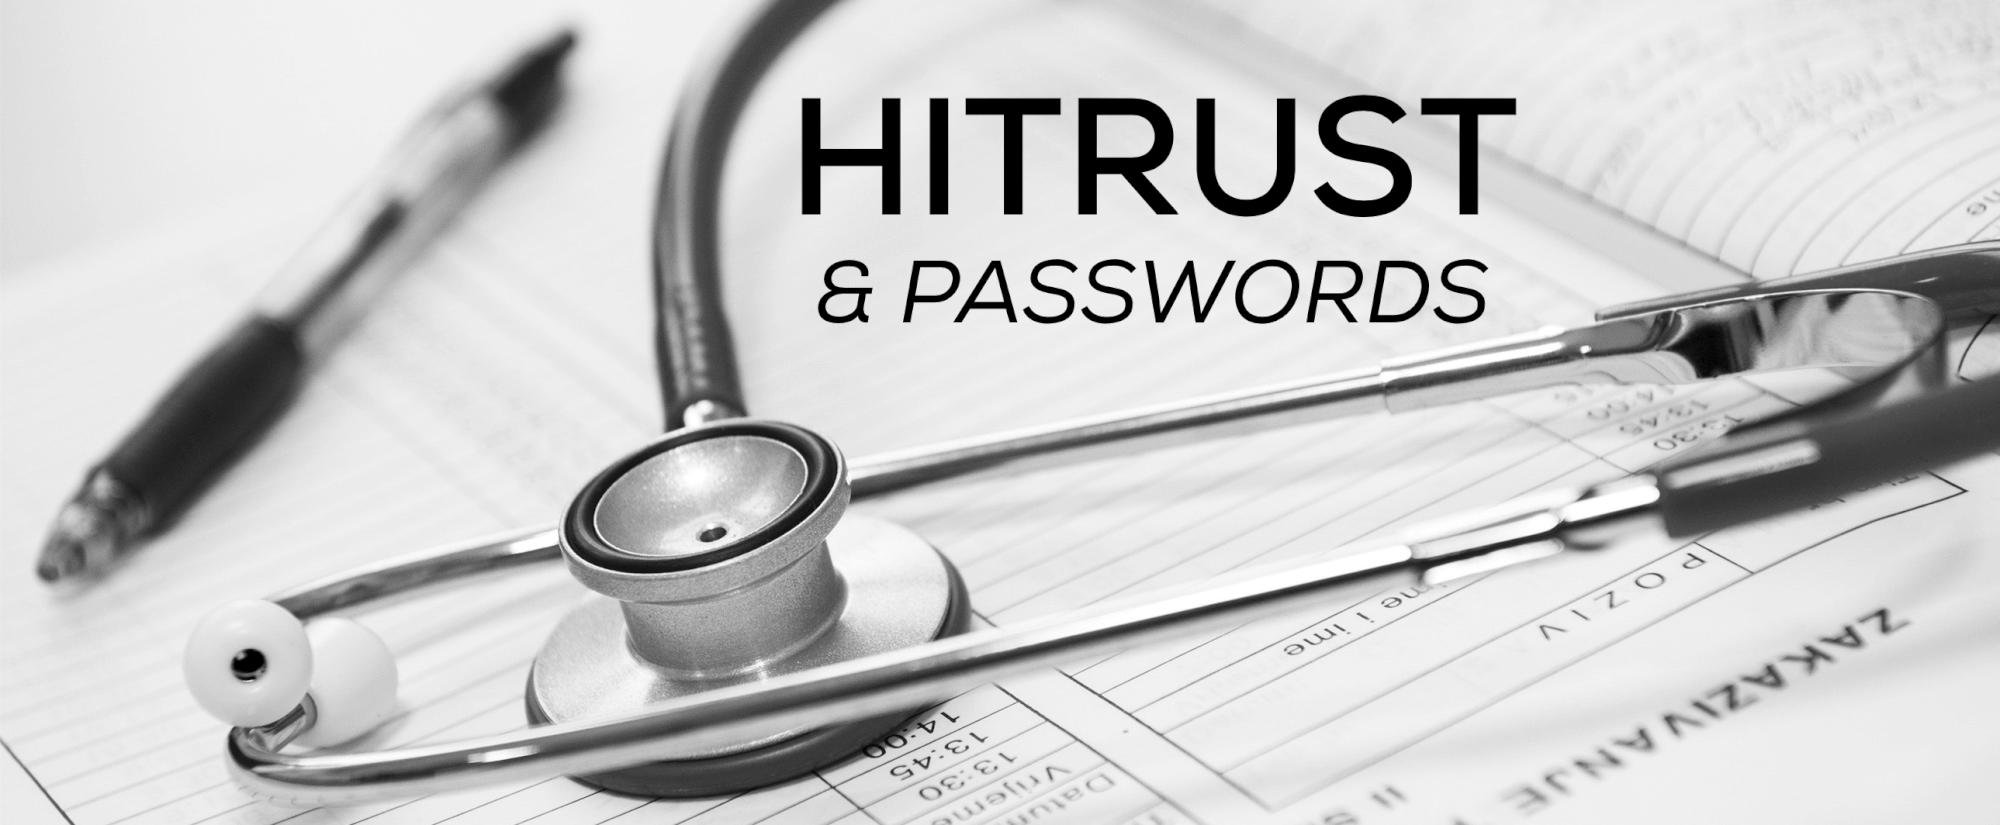 HITRUST & Password Policy: https://www.enzoic.com/hitrust-password/